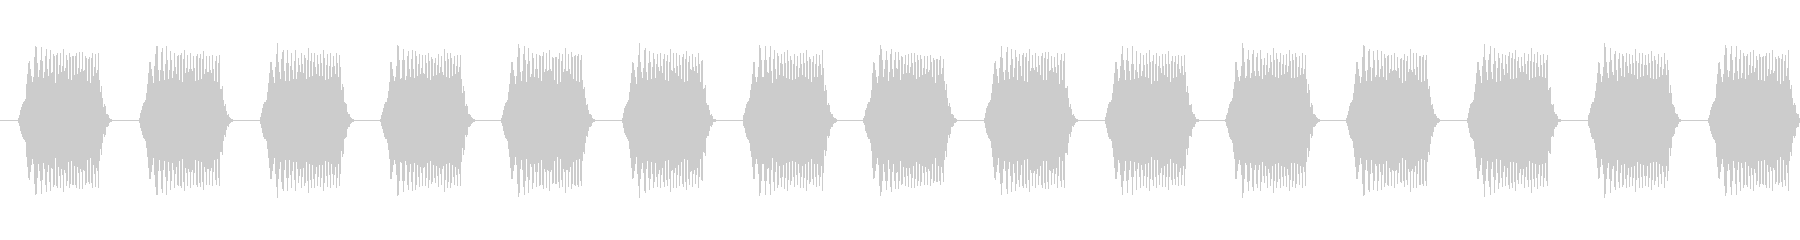 警告・注意・アラート音01(ループ対応)の未再生の波形